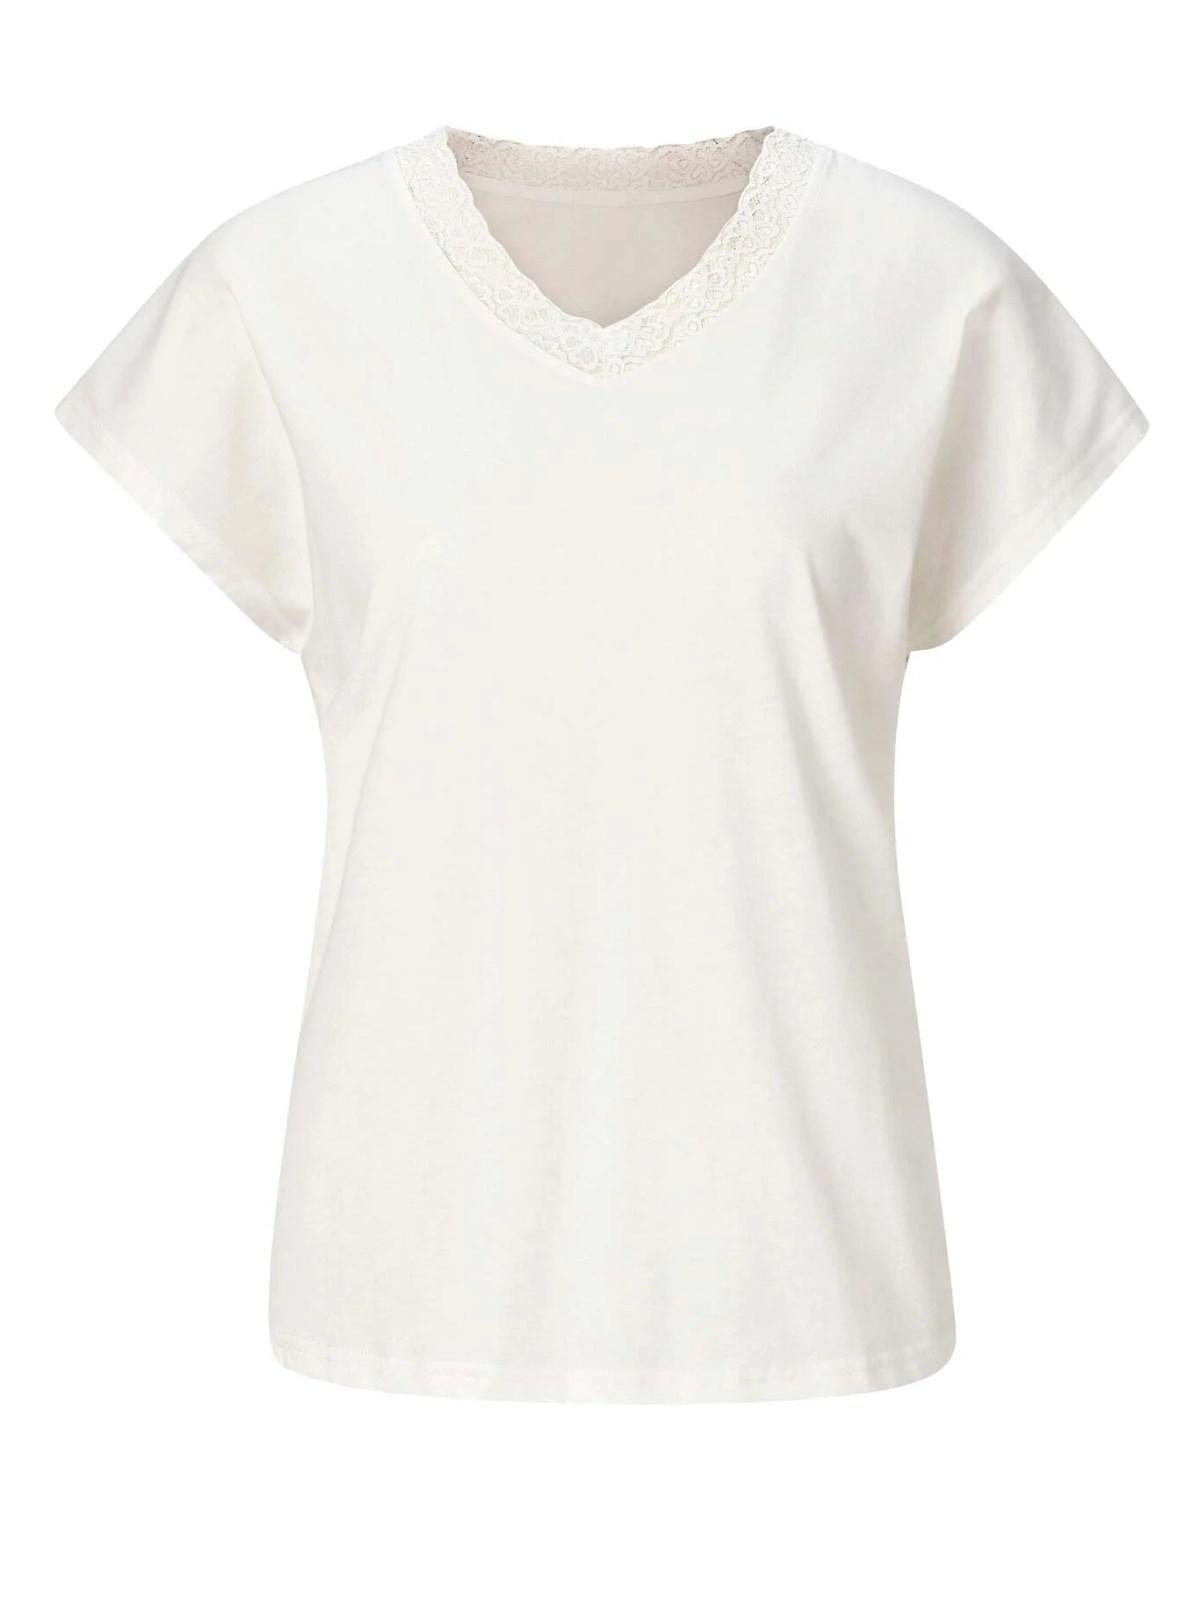 772.308 Jerseyshirt m. Spitze, wollweiß von Fair Lady Grösse 50